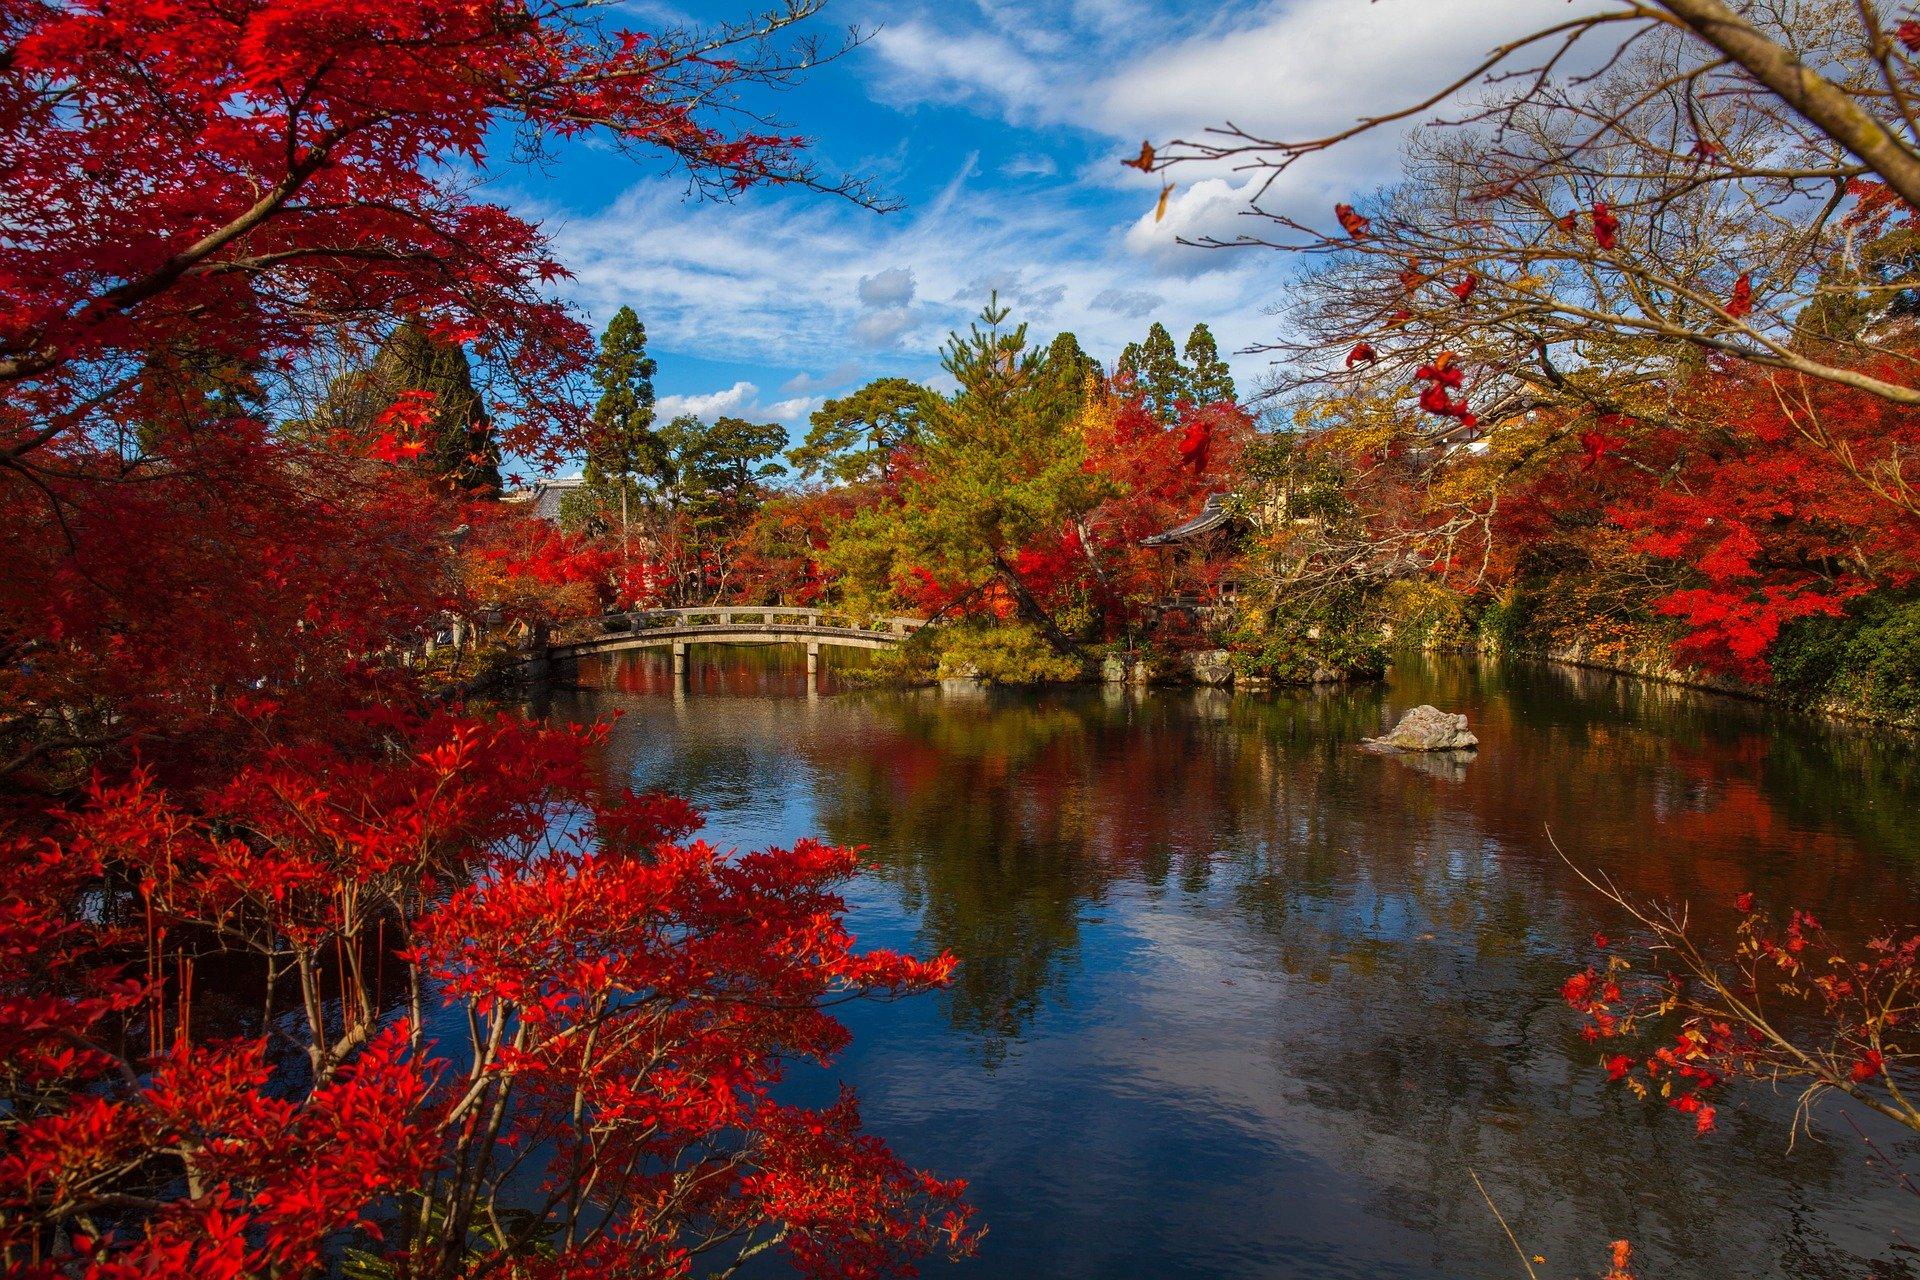 北杜市のおすすめ観光スポット31選!八ヶ岳や清里の美しい自然を楽しもう!